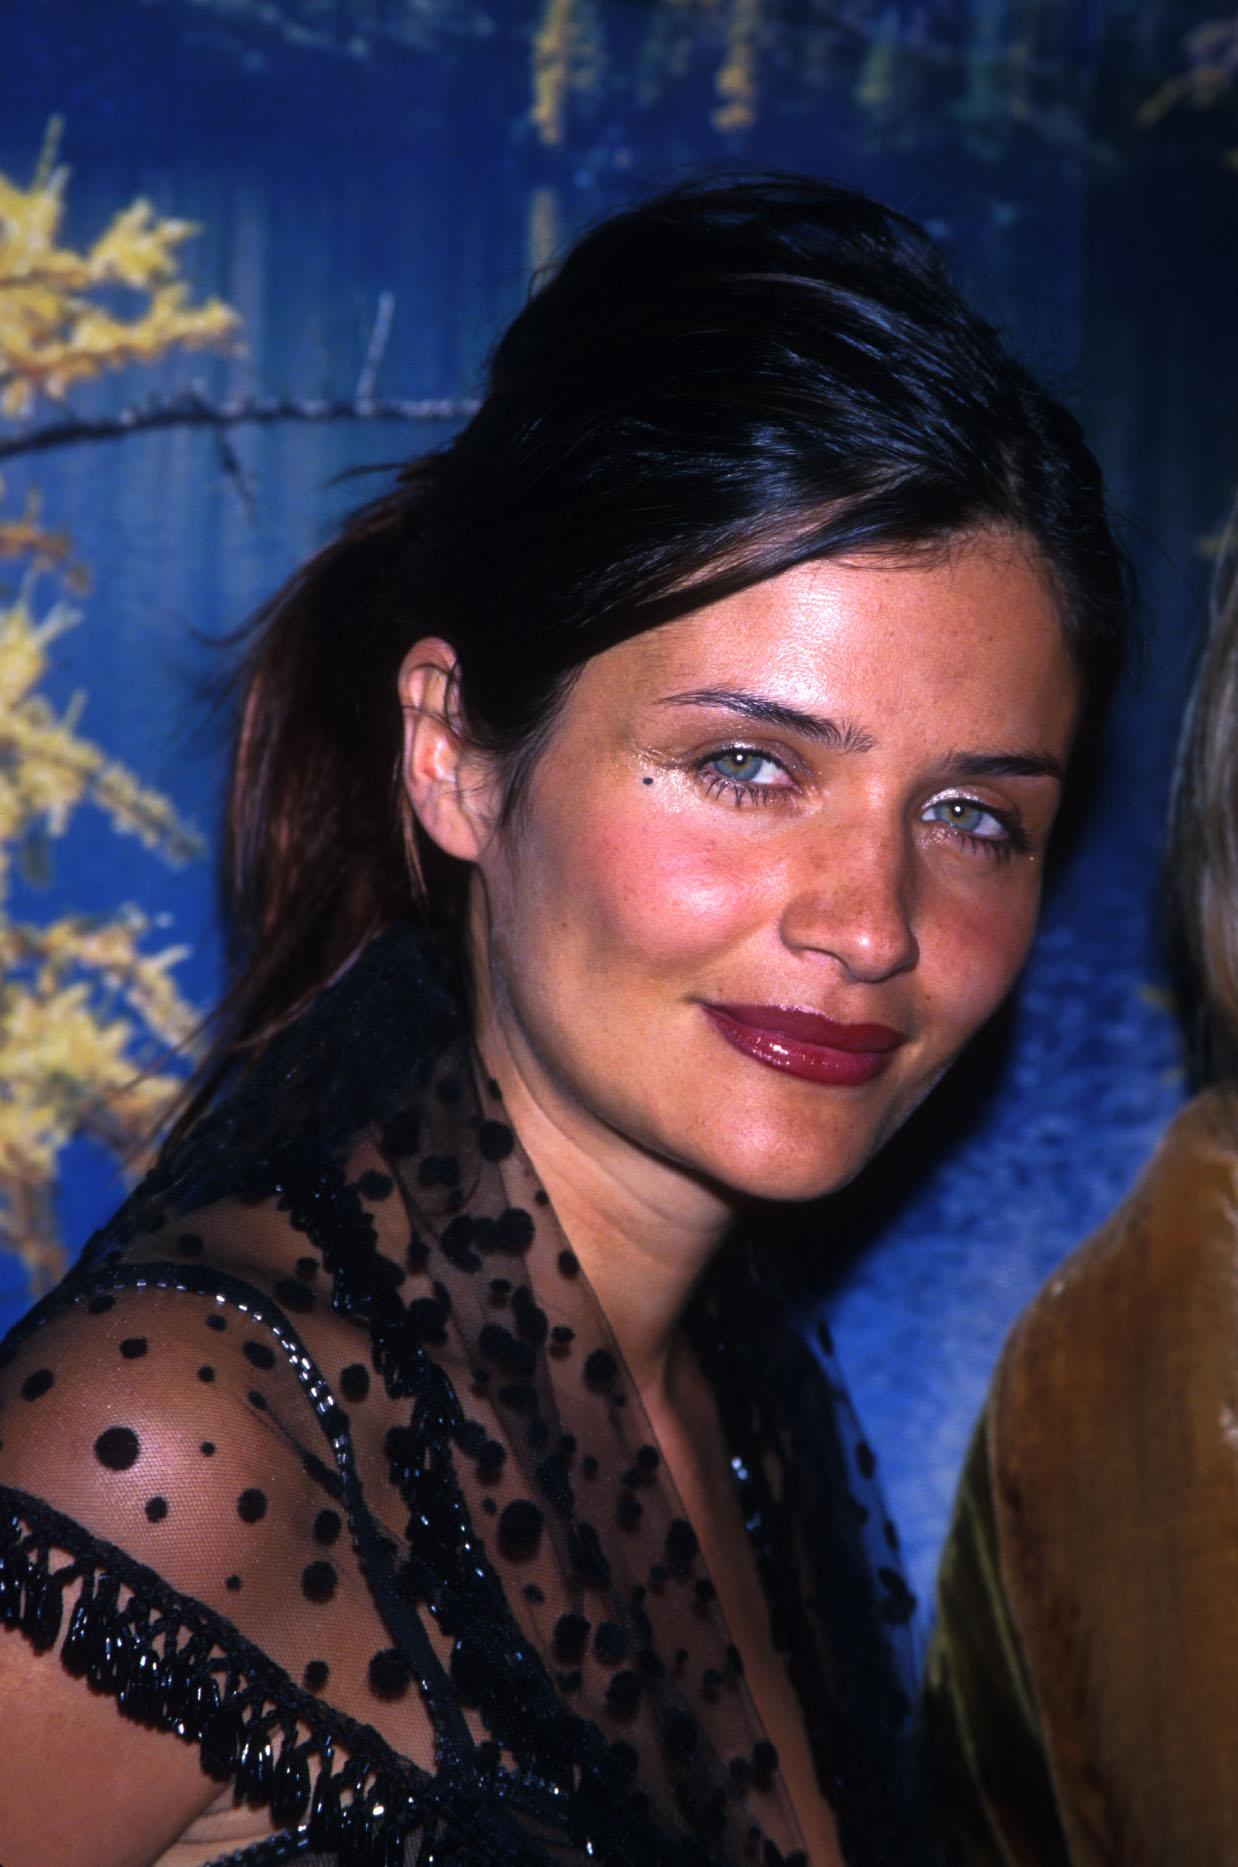 Хелена Кристенсен